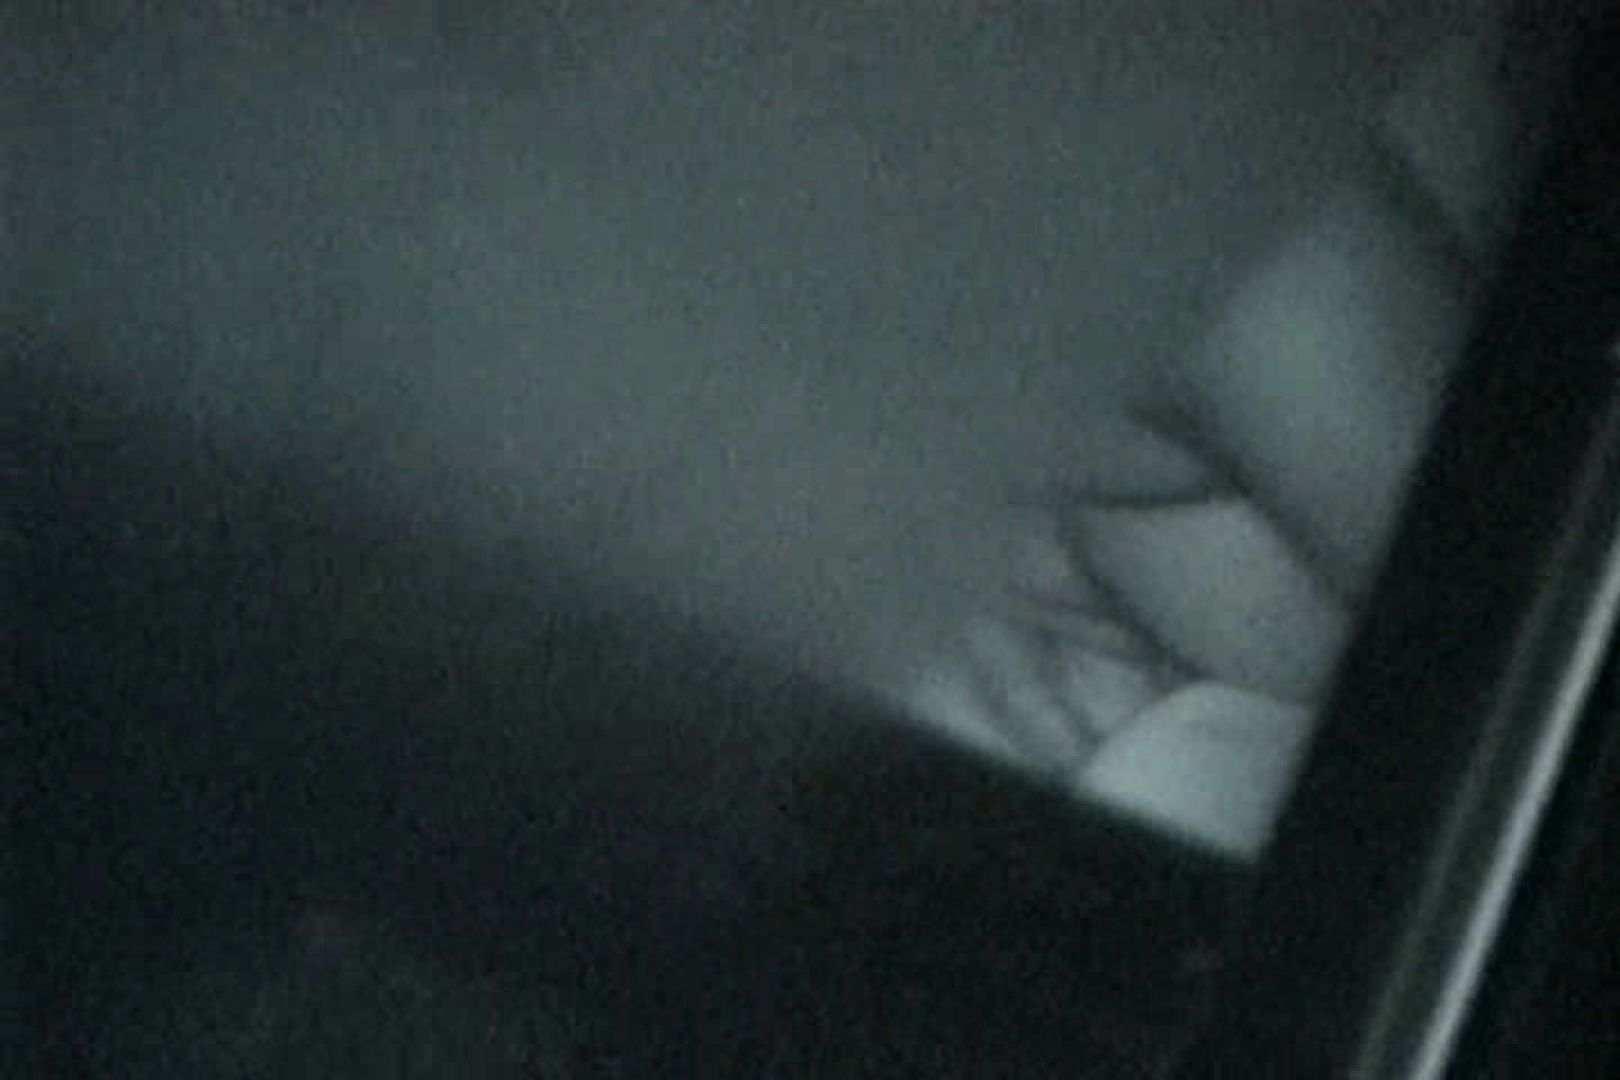 充血監督の深夜の運動会Vol.135 赤外線   濃厚セックス  22PICs 13